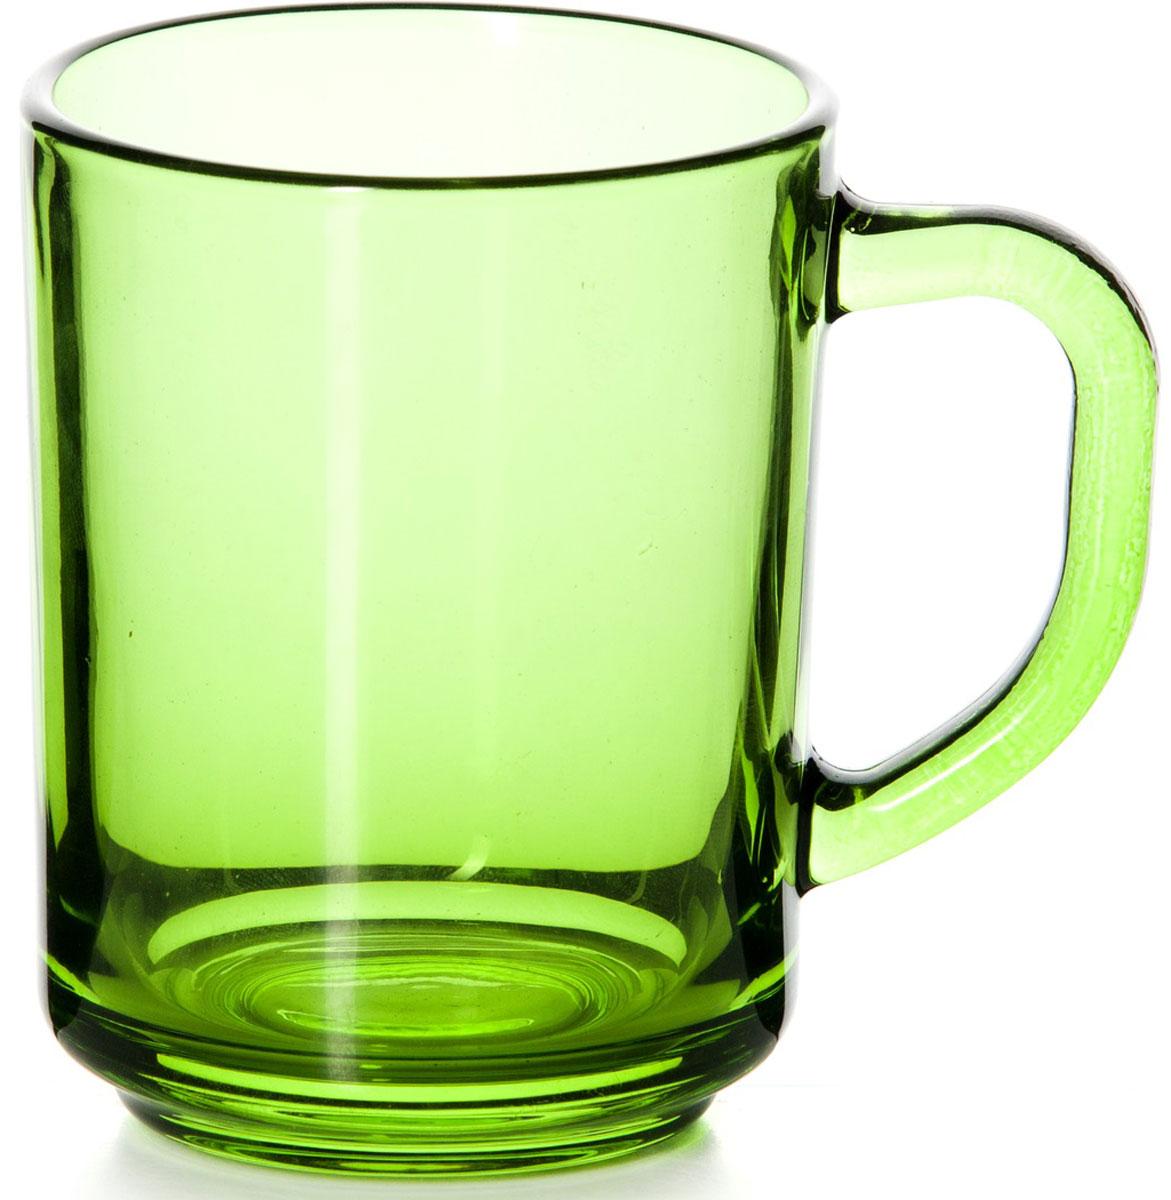 Кружка Pasabahce Энжой Грин, цвет: зеленый, 250 мл55029SLBD30Кружка Pasabahce Энжой Грин изготовлена из прозрачного цветного стекла. Изделие идеально подходит для сервировки стола.Кружка не только украсит ваш кухонный стол, но и подчеркнет прекрасный вкус хозяйки. Объем кружки: 250 мл.